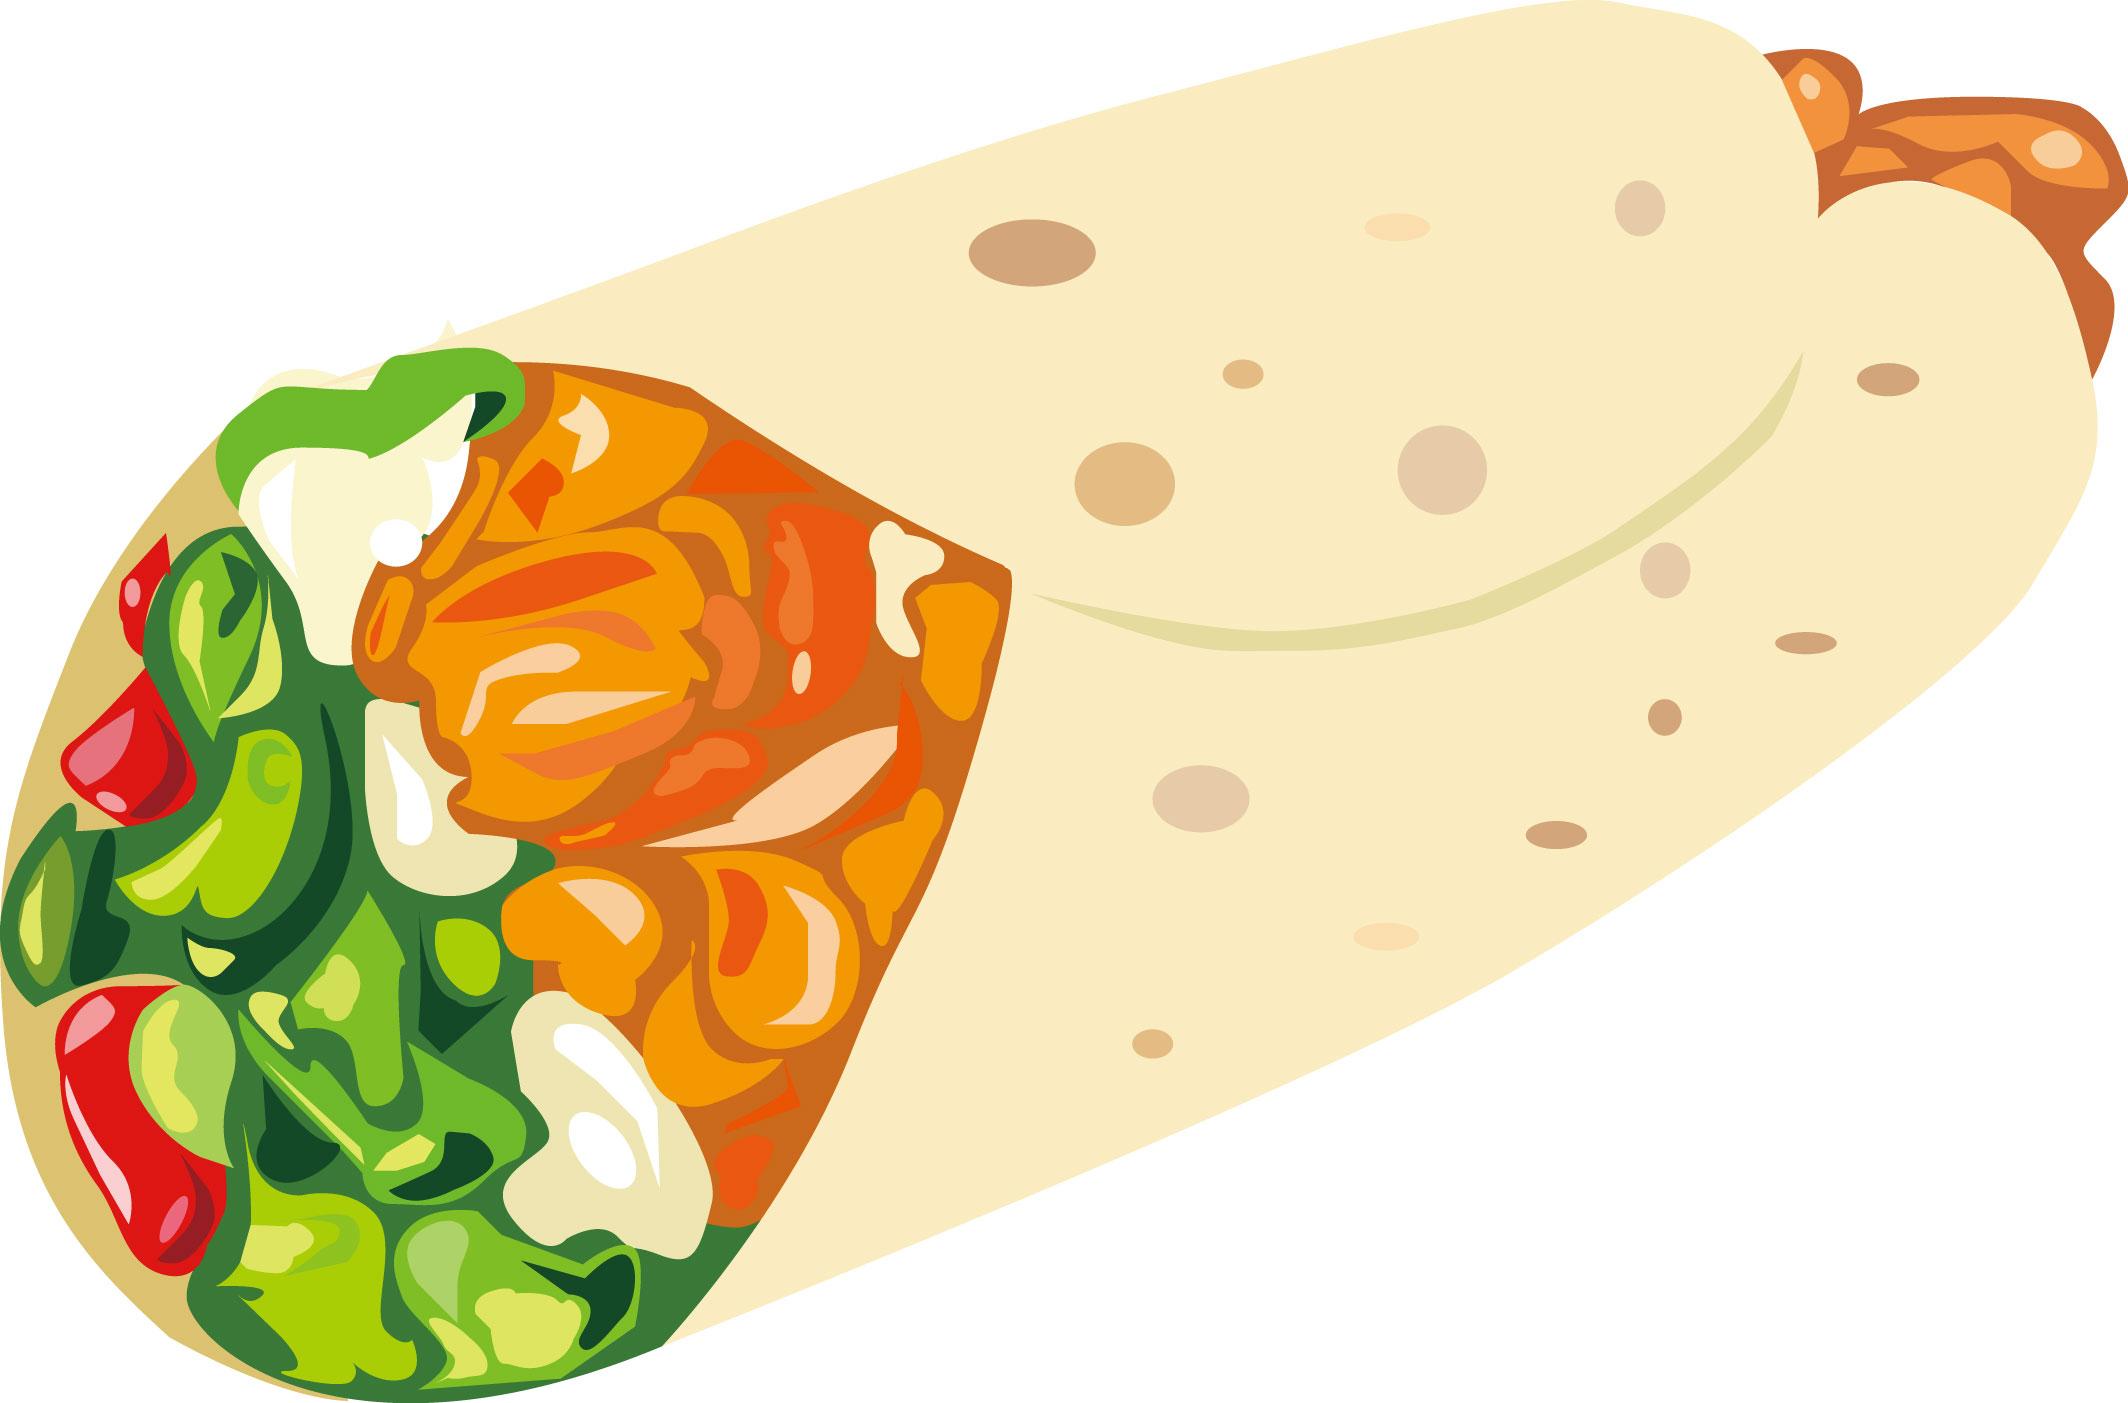 墨西哥鸡肉卷 矢量 蔬菜 鸡肉 卷饼 番茄酱 沙拉酱图片